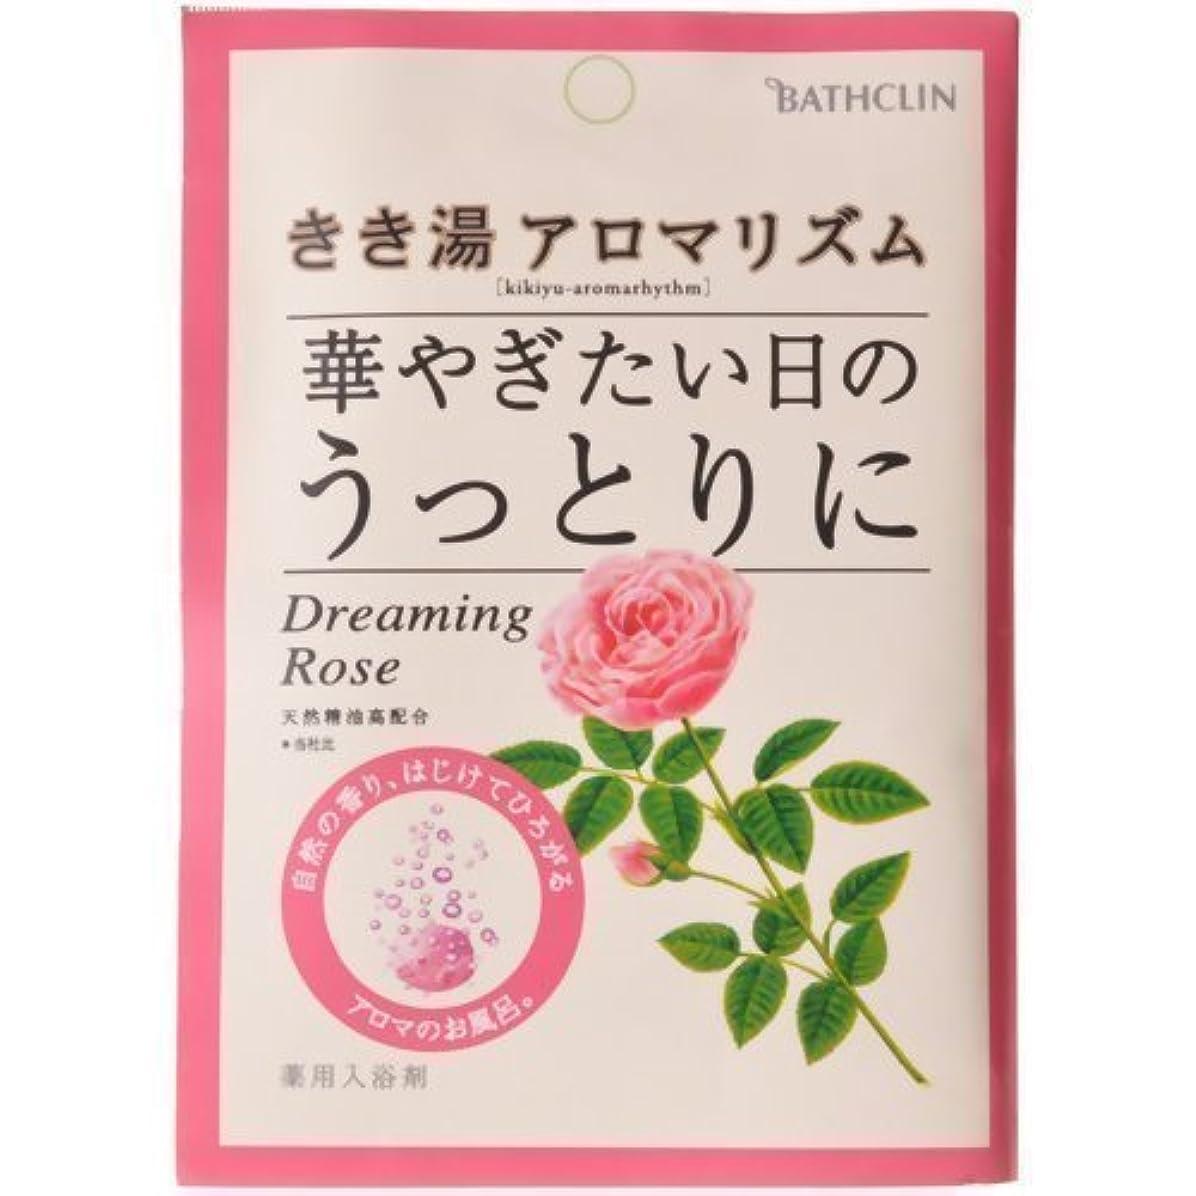 メイト私の知覚【まとめ買い】きき湯 アロマリズム ドリーミングローズの香り 30g ×5個